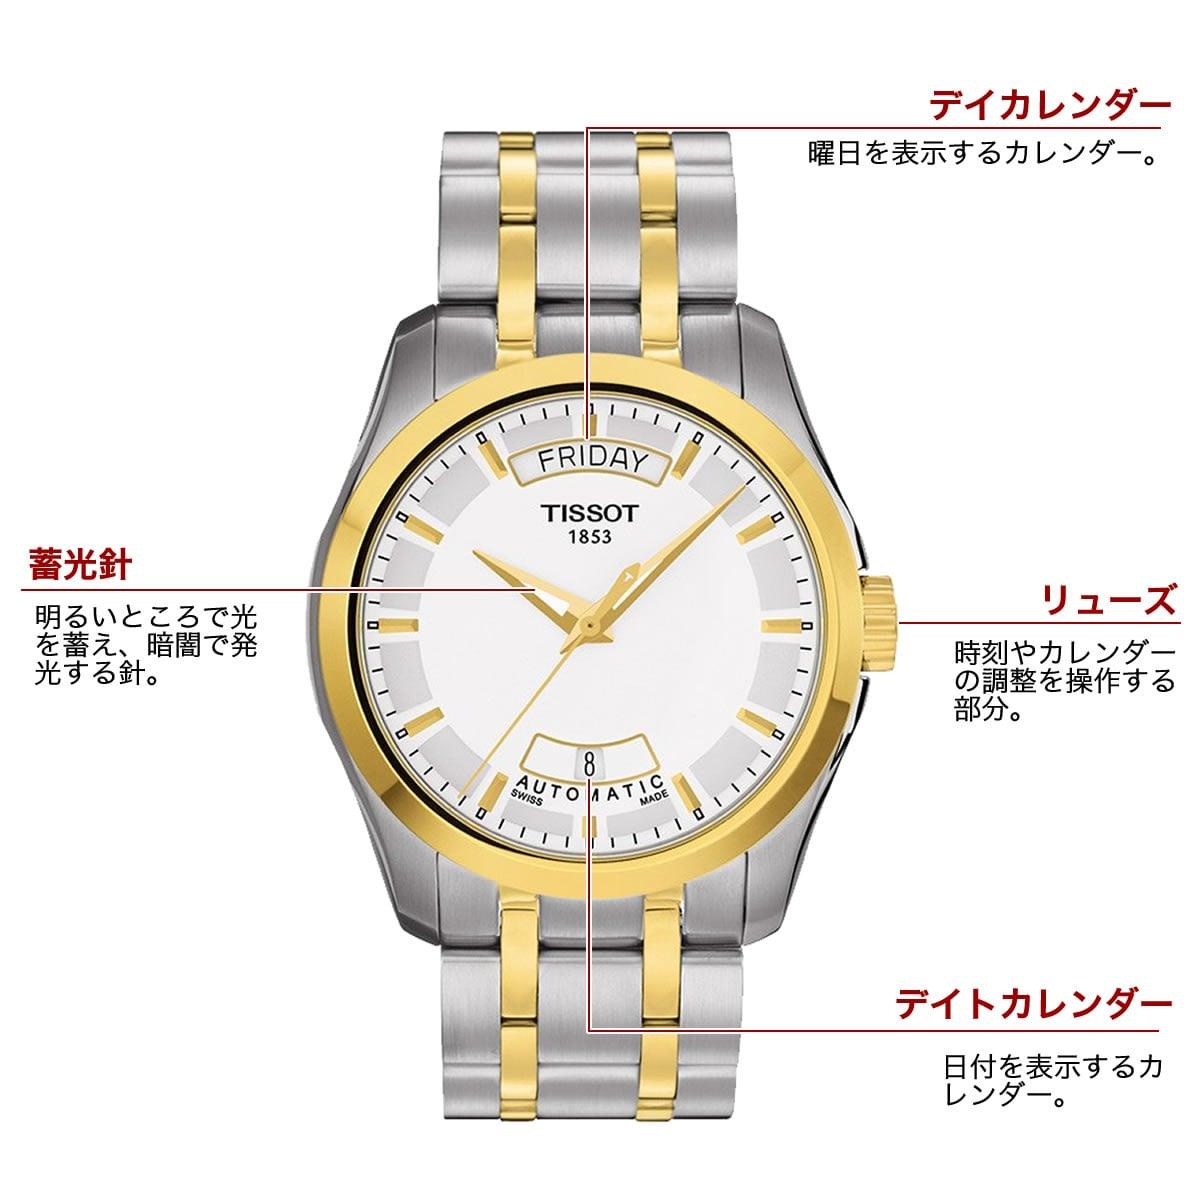 ティソ 自動巻き 男性用腕時計t0354072201100